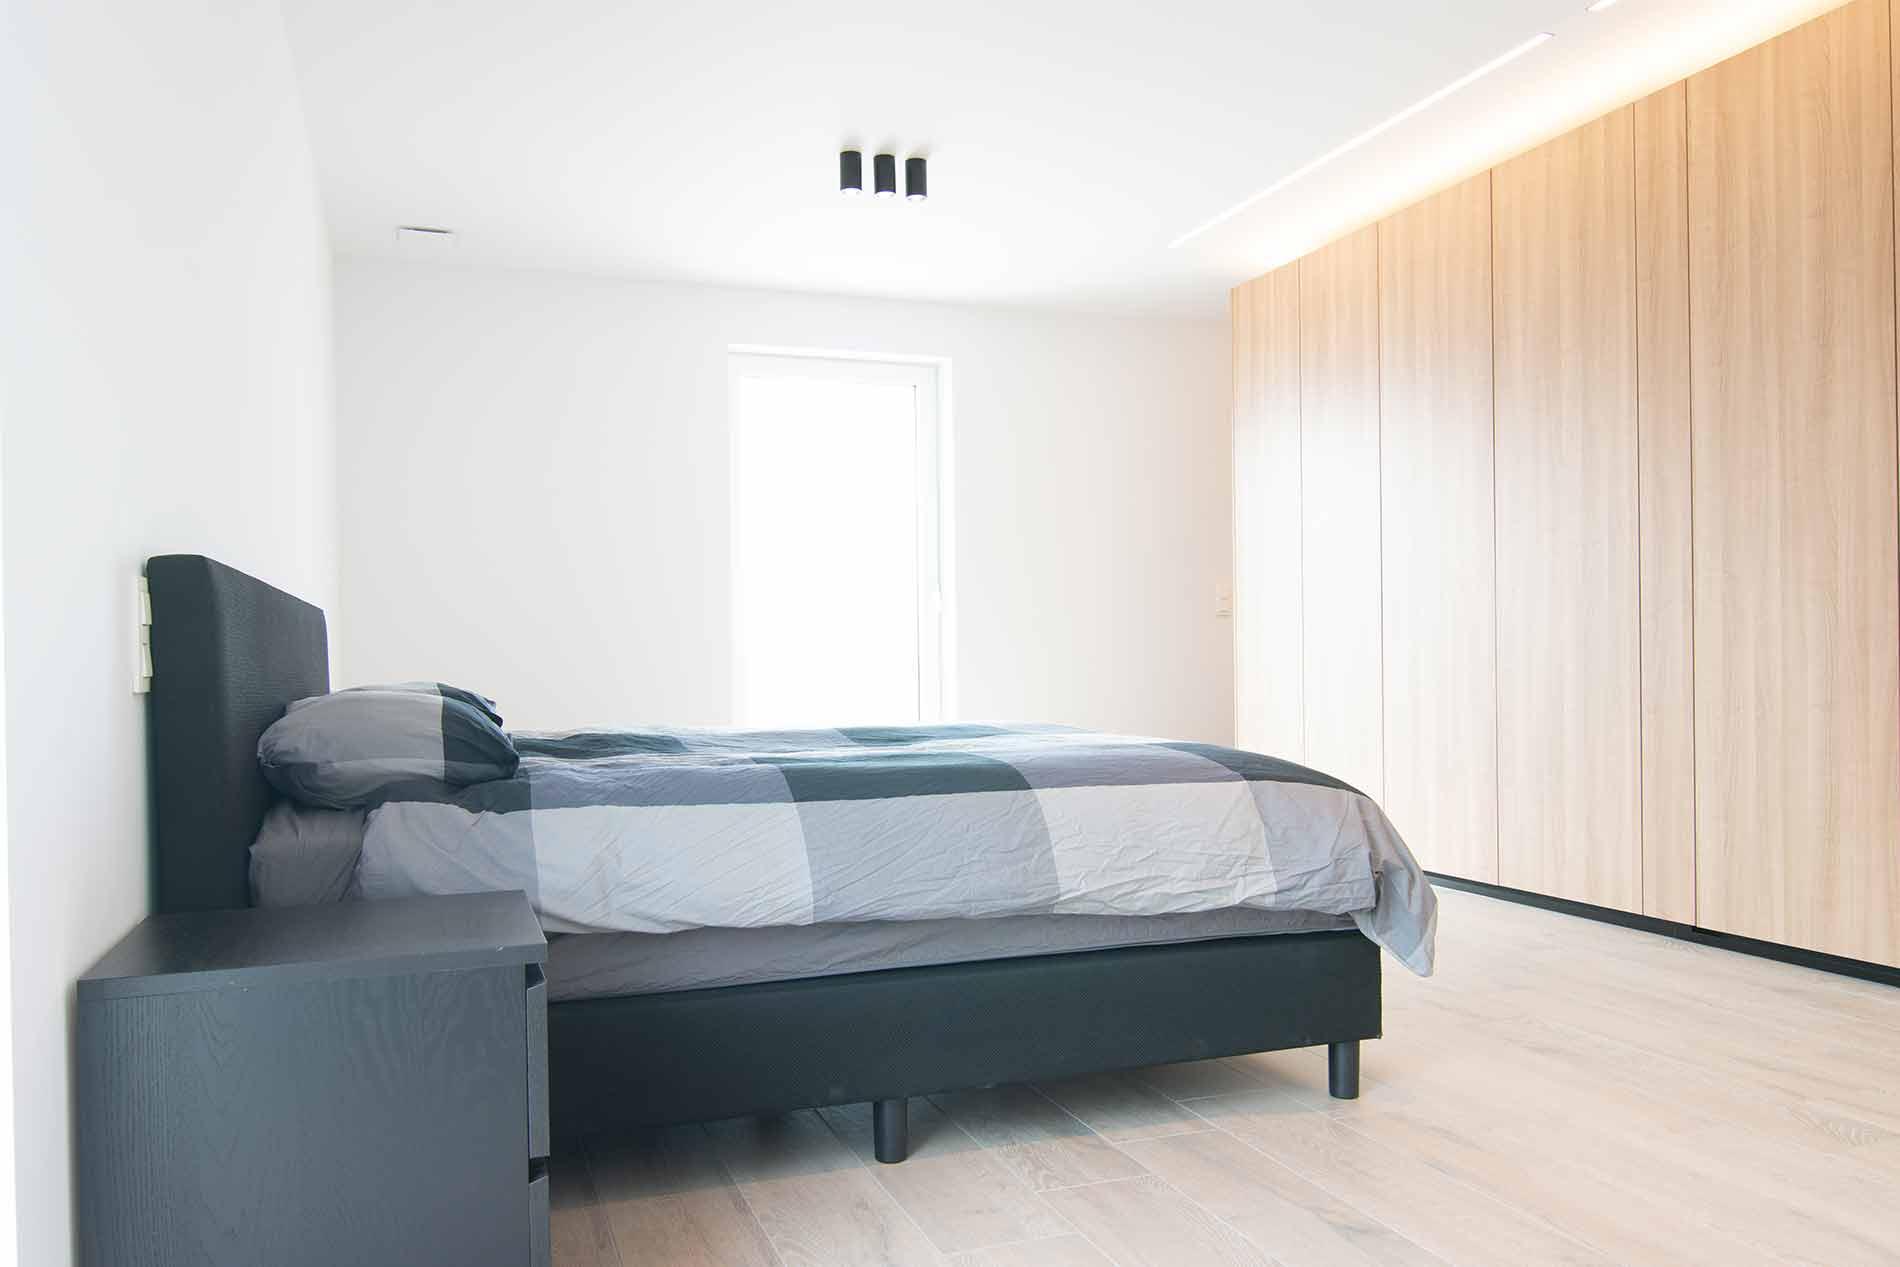 Slaapkamerkast in houtstructuur